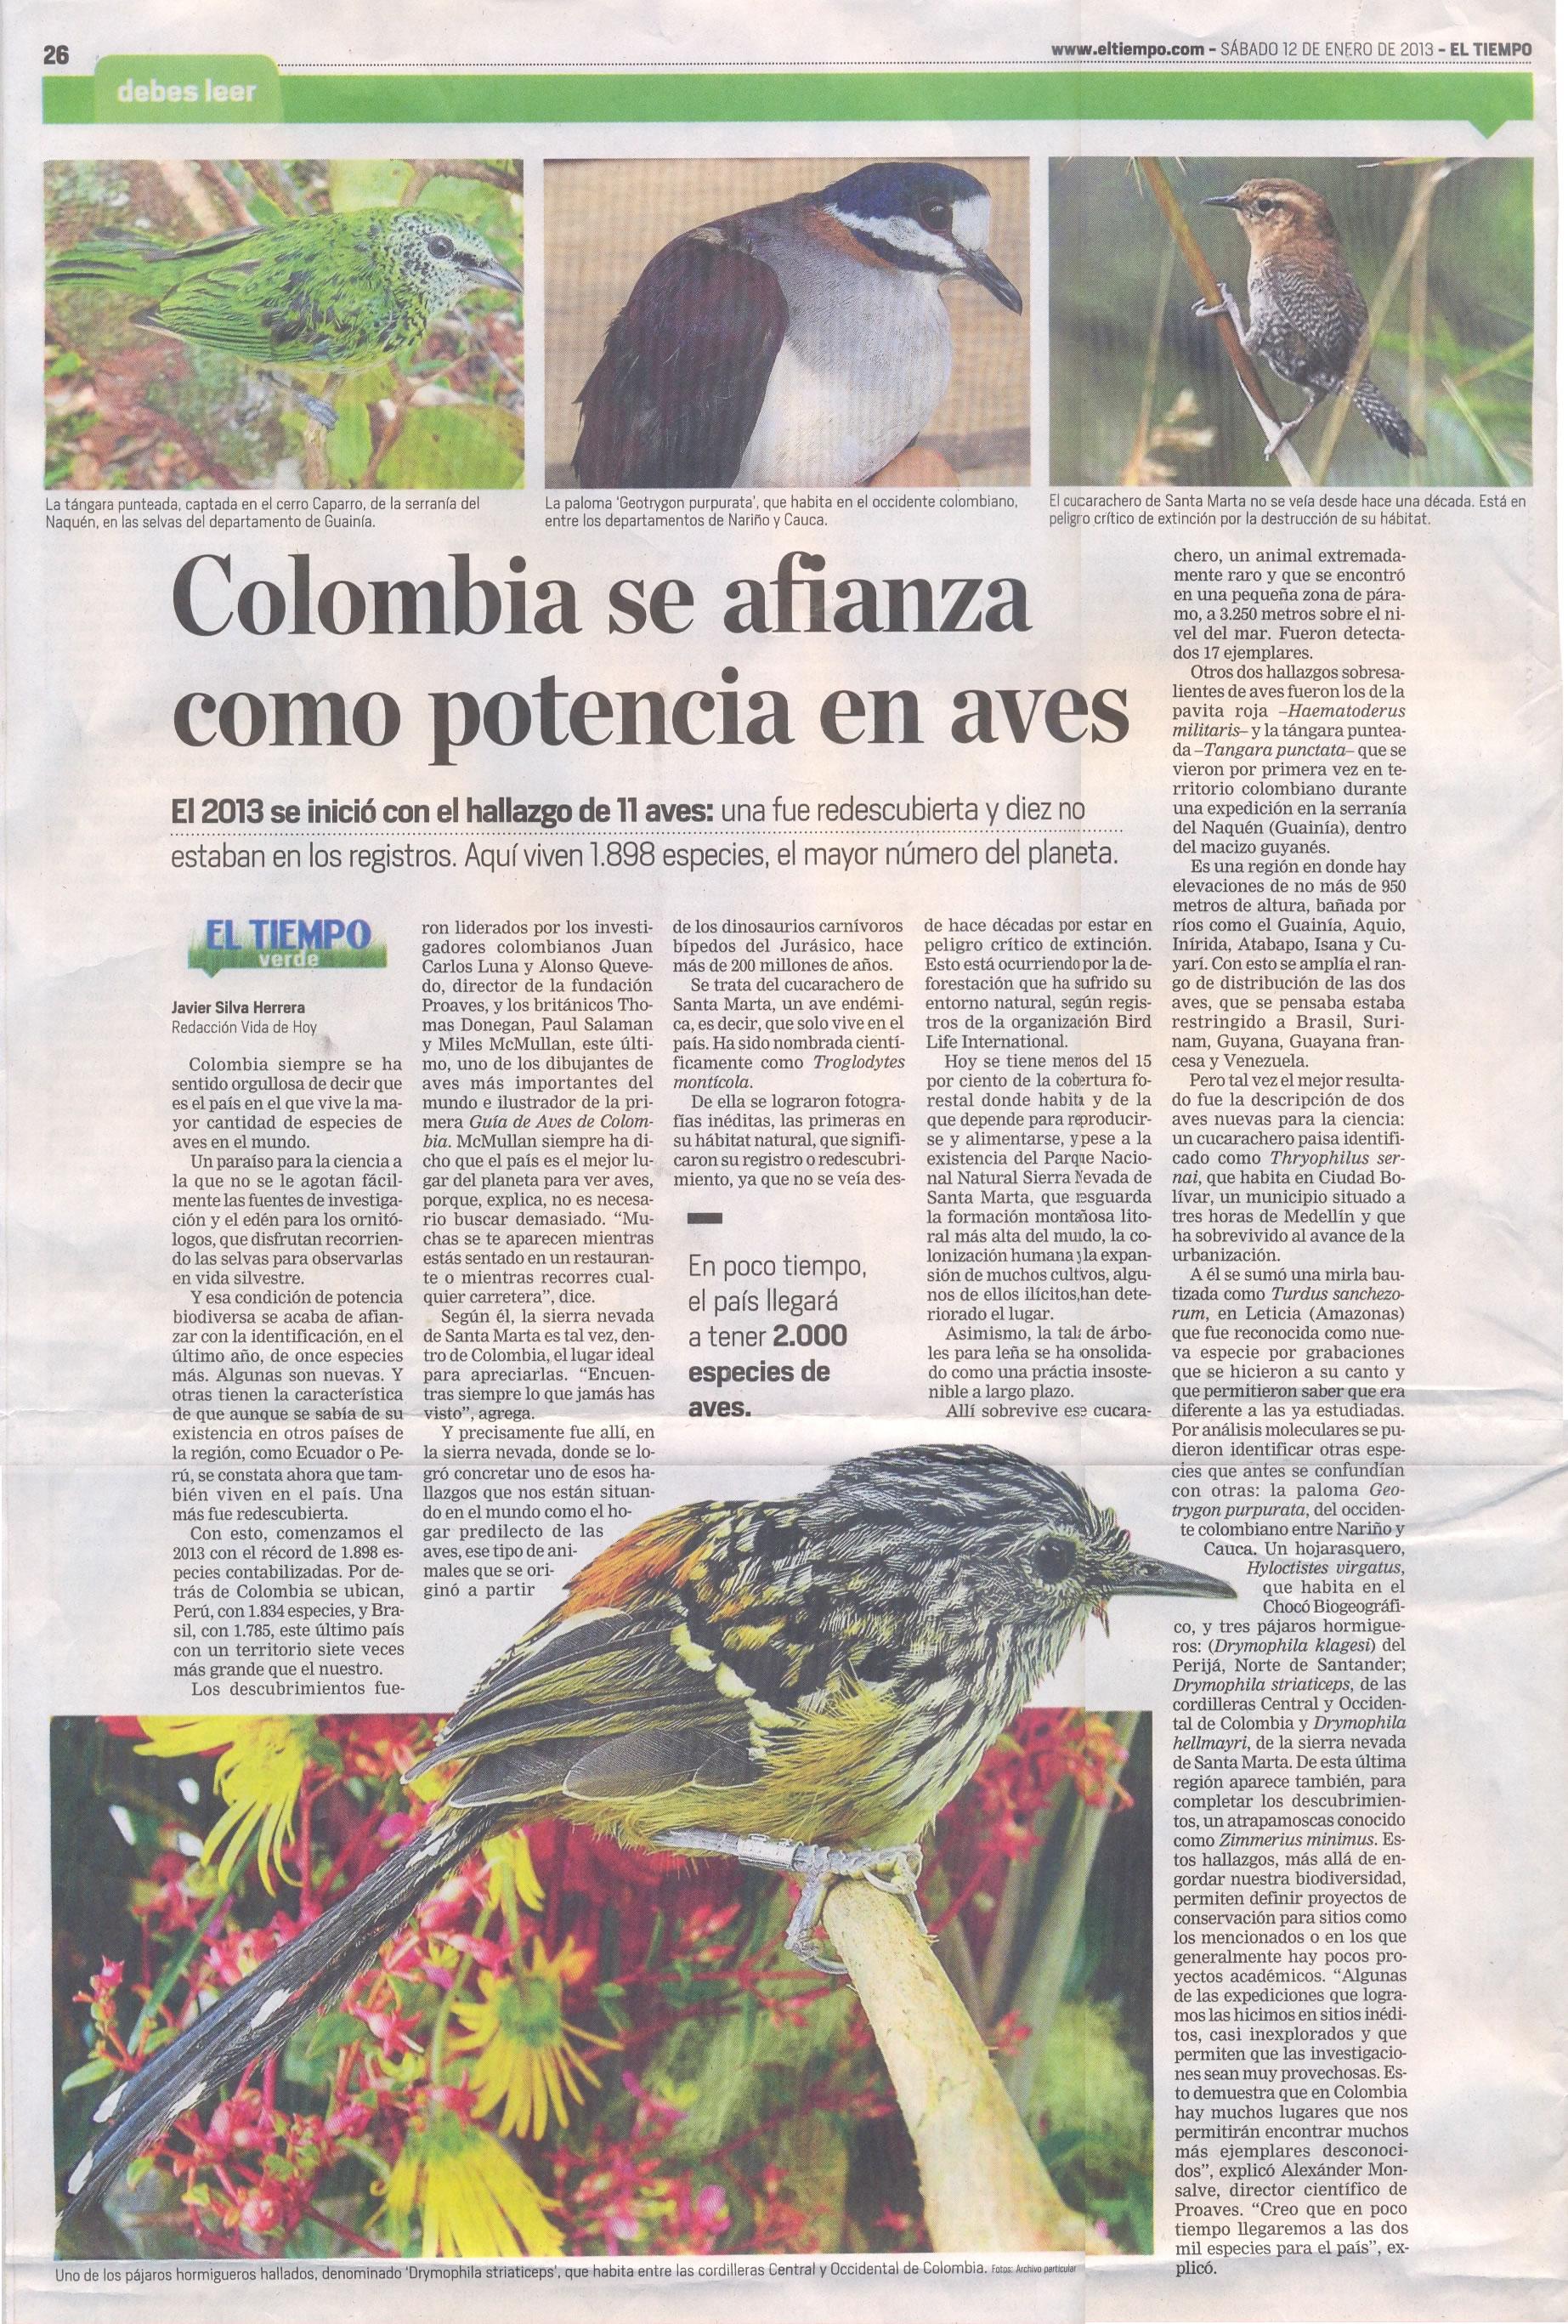 El_Tiempo_enero12_2013_potencia_mundial_en_aves